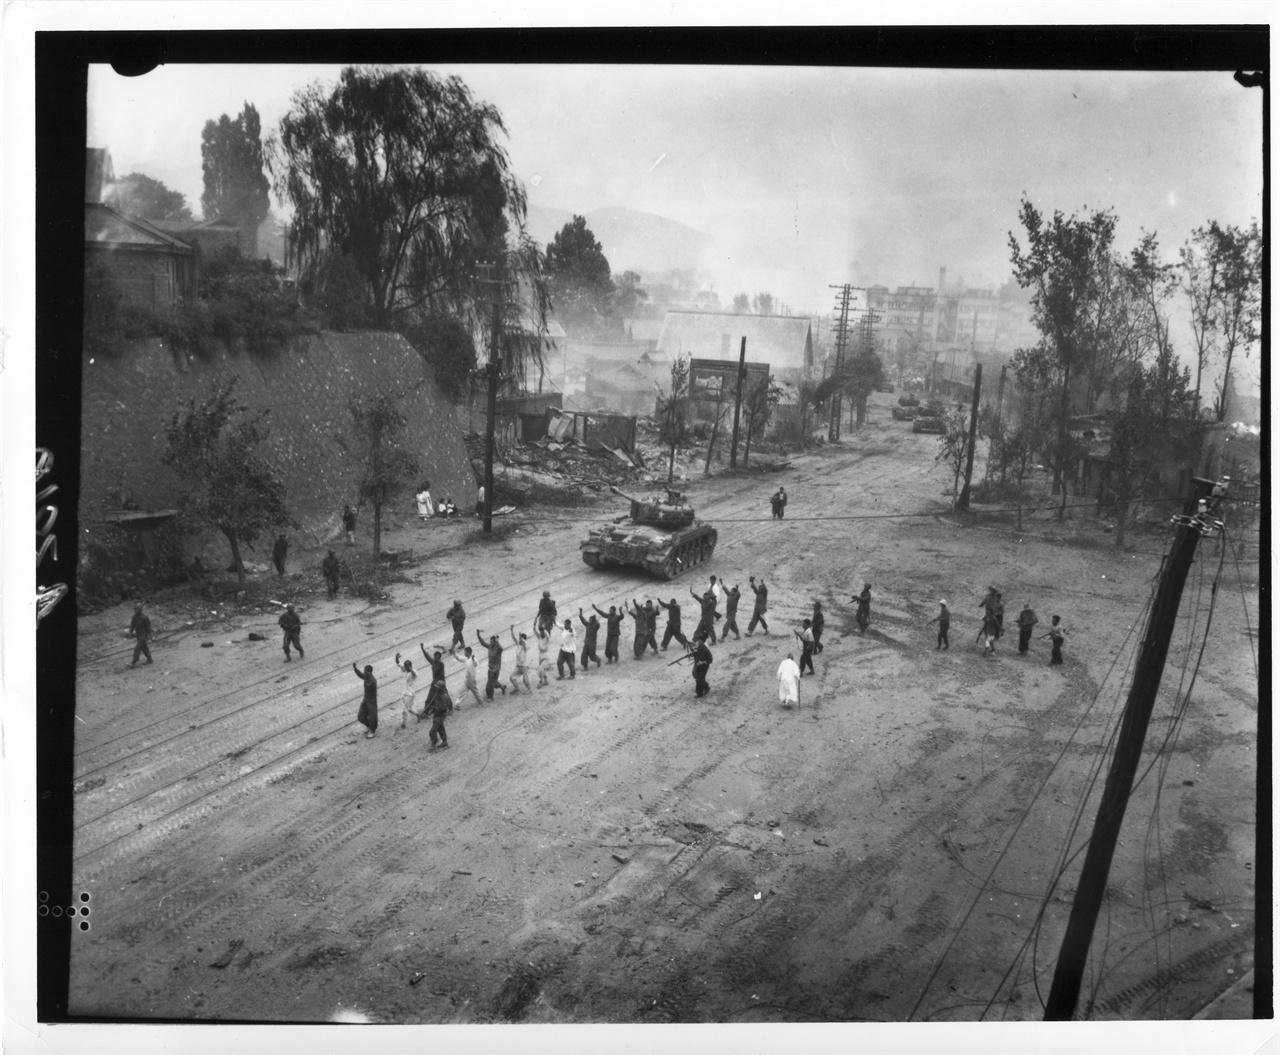 1950. 9. 26. 유엔군들이 서울 수복을 하면서 인민군 및 공산 혐의자를 색출한 뒤 연행하고 있다.